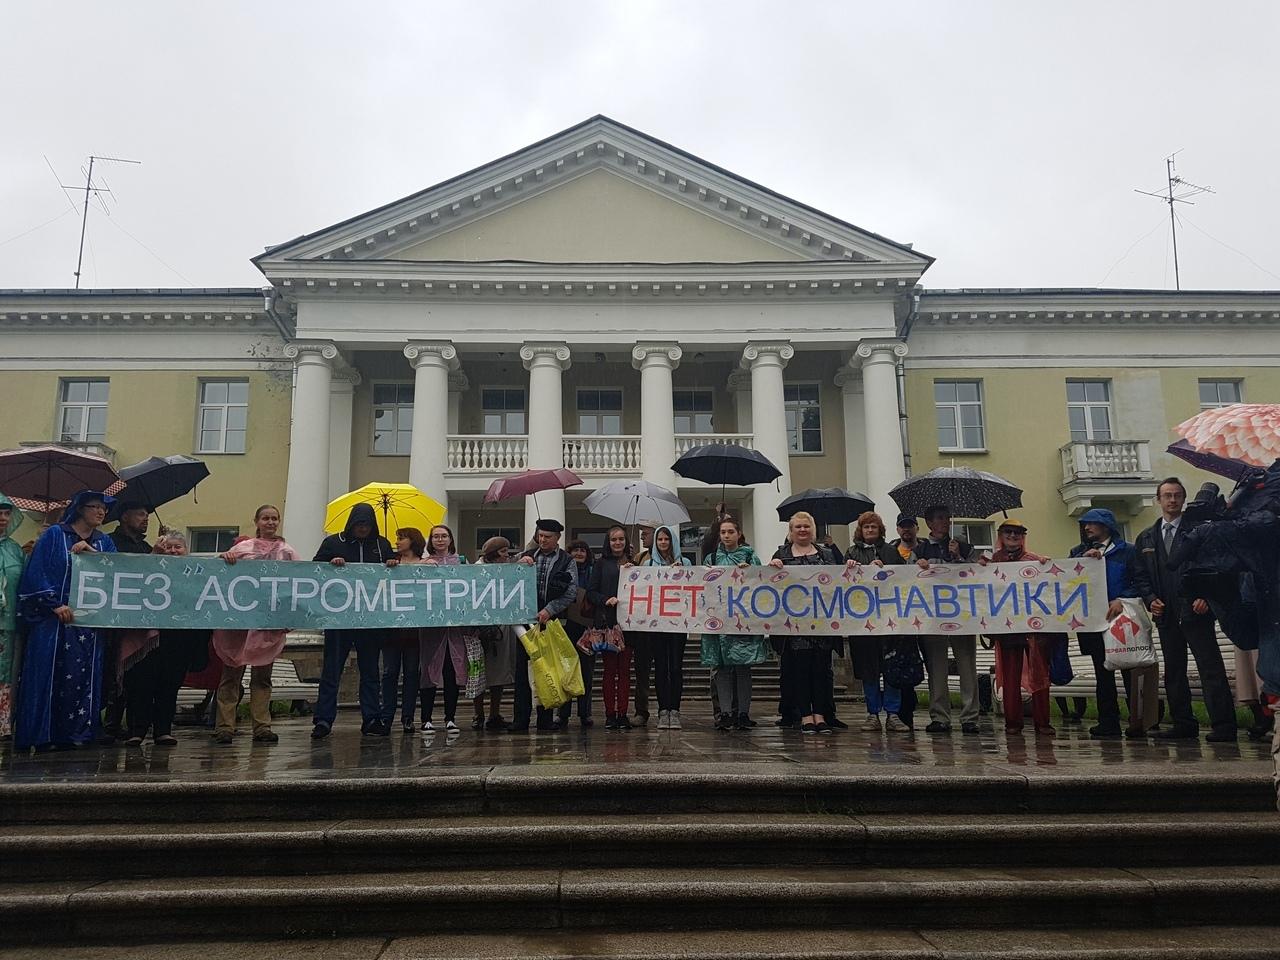 Защитники Пулковской обсерватории провели акцию против прекращения астрономических наблюдений в учреждении